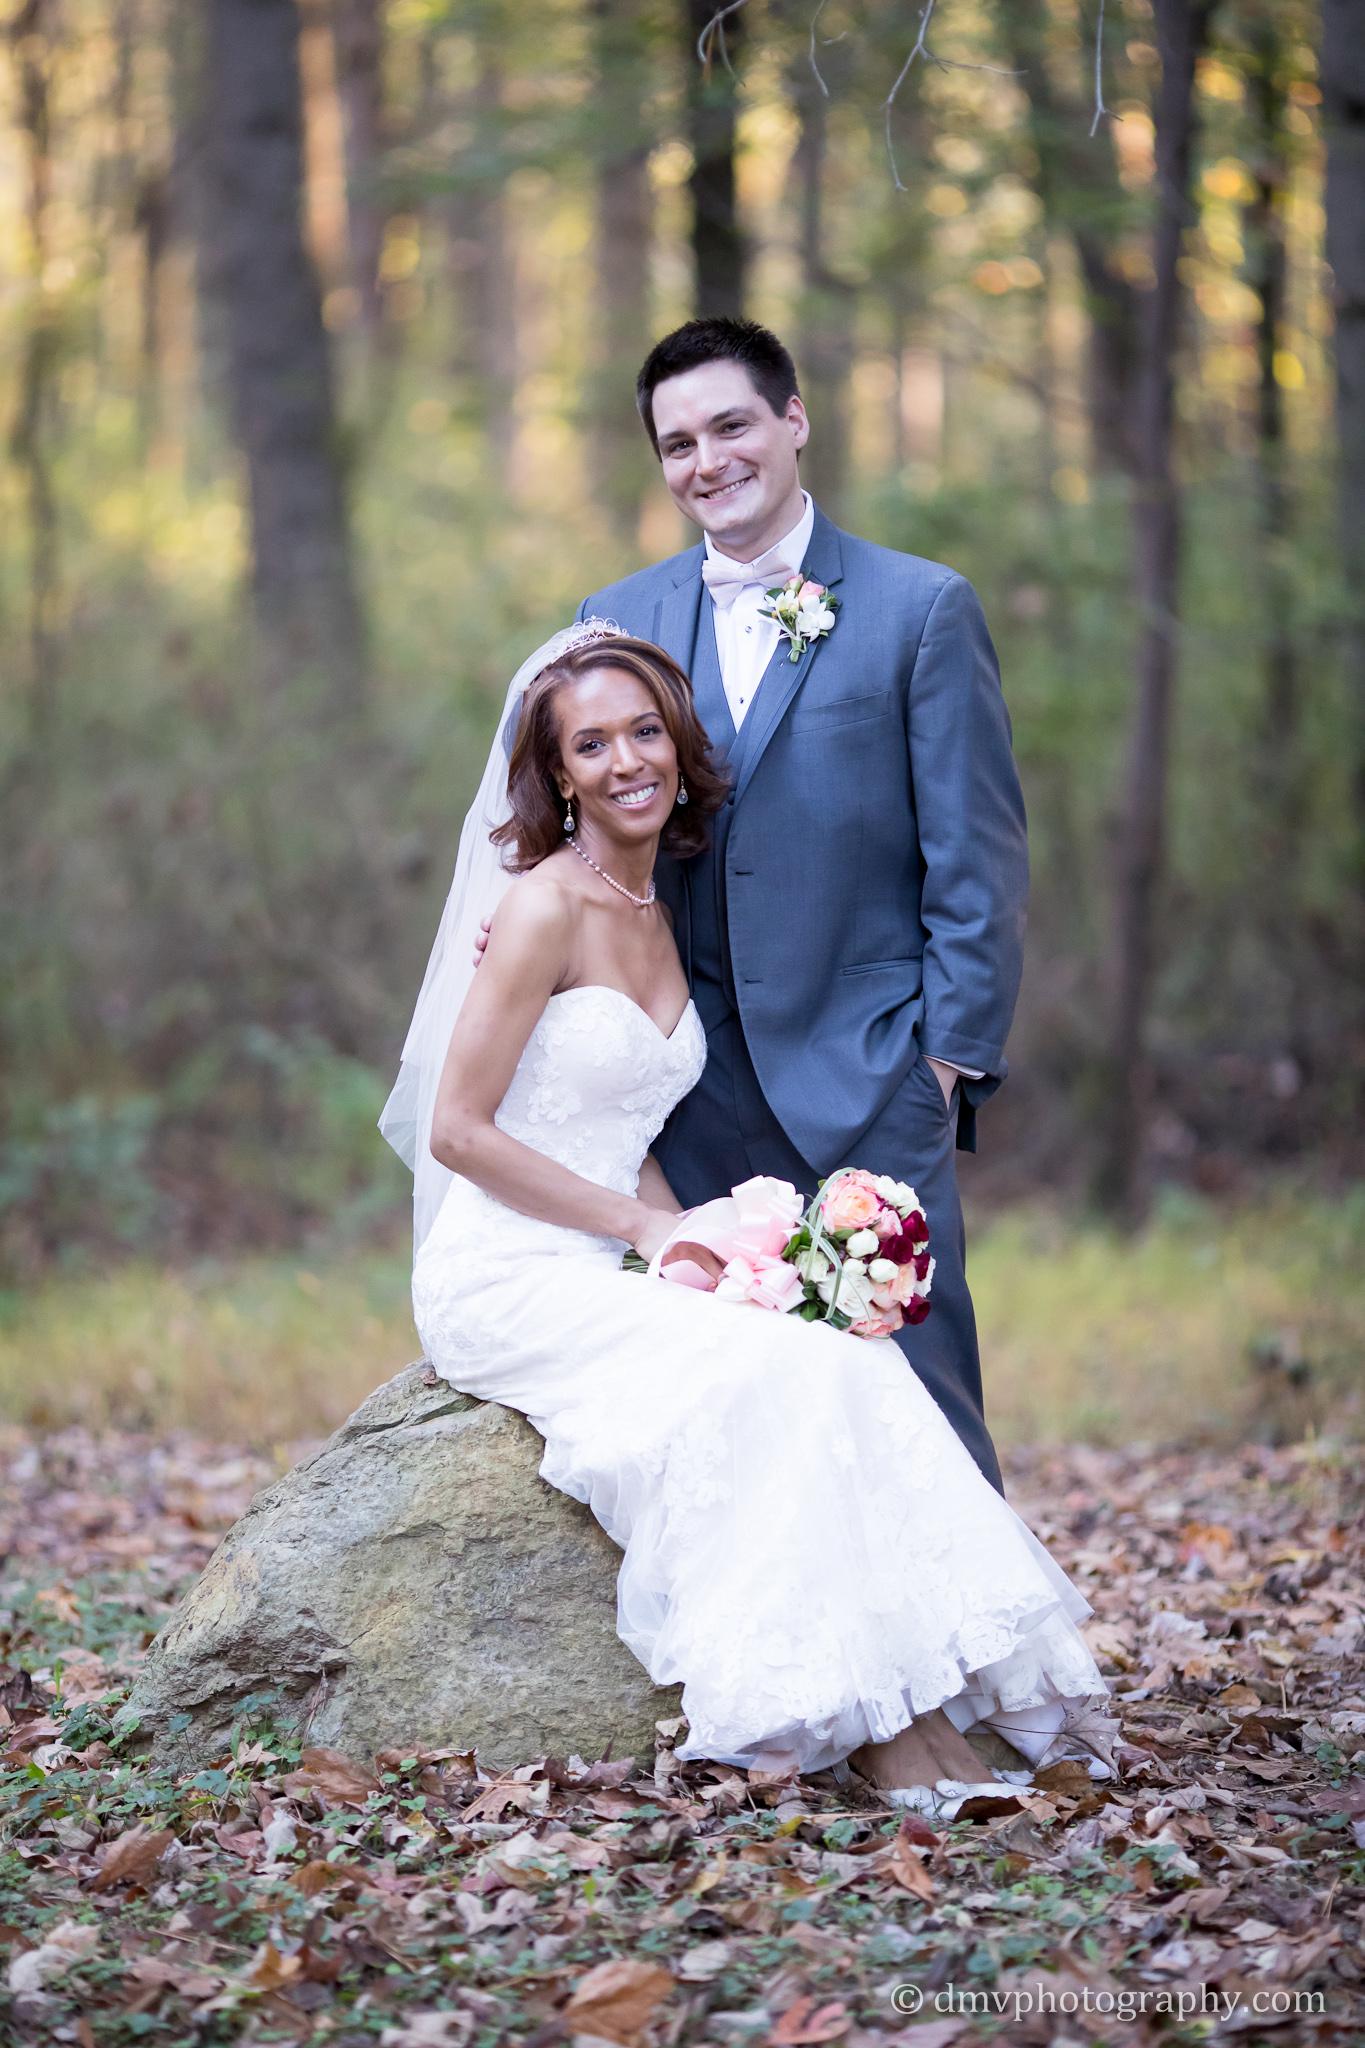 2017-10-20 - Heather Wedding - 00552